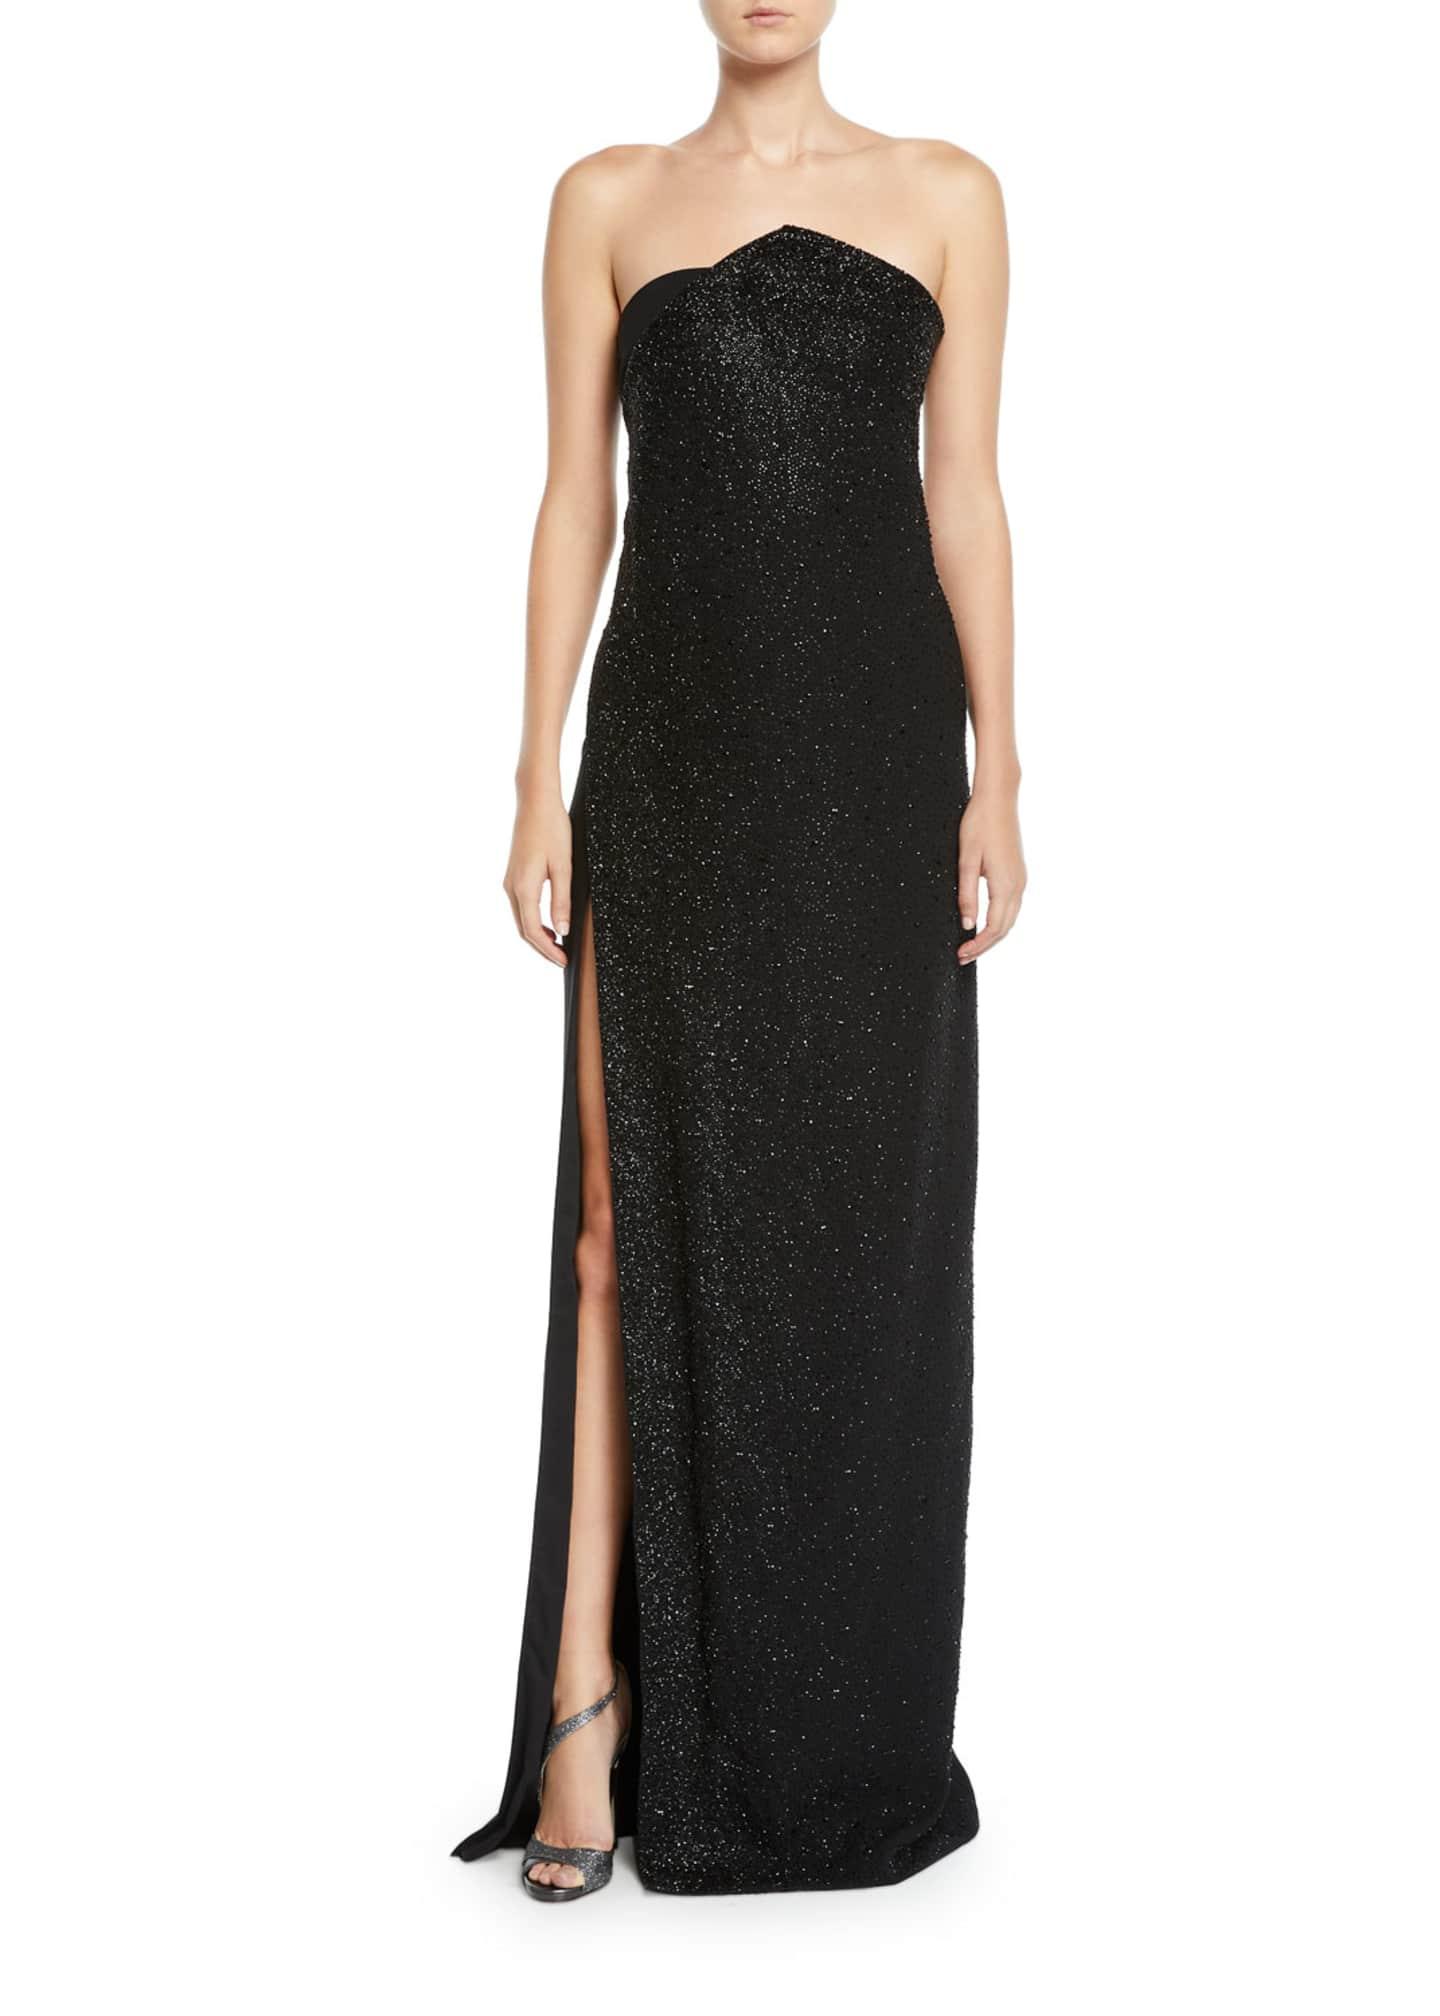 Ahluwalia Chalet Strapless Slit-Skirt Shimmer Column Gown